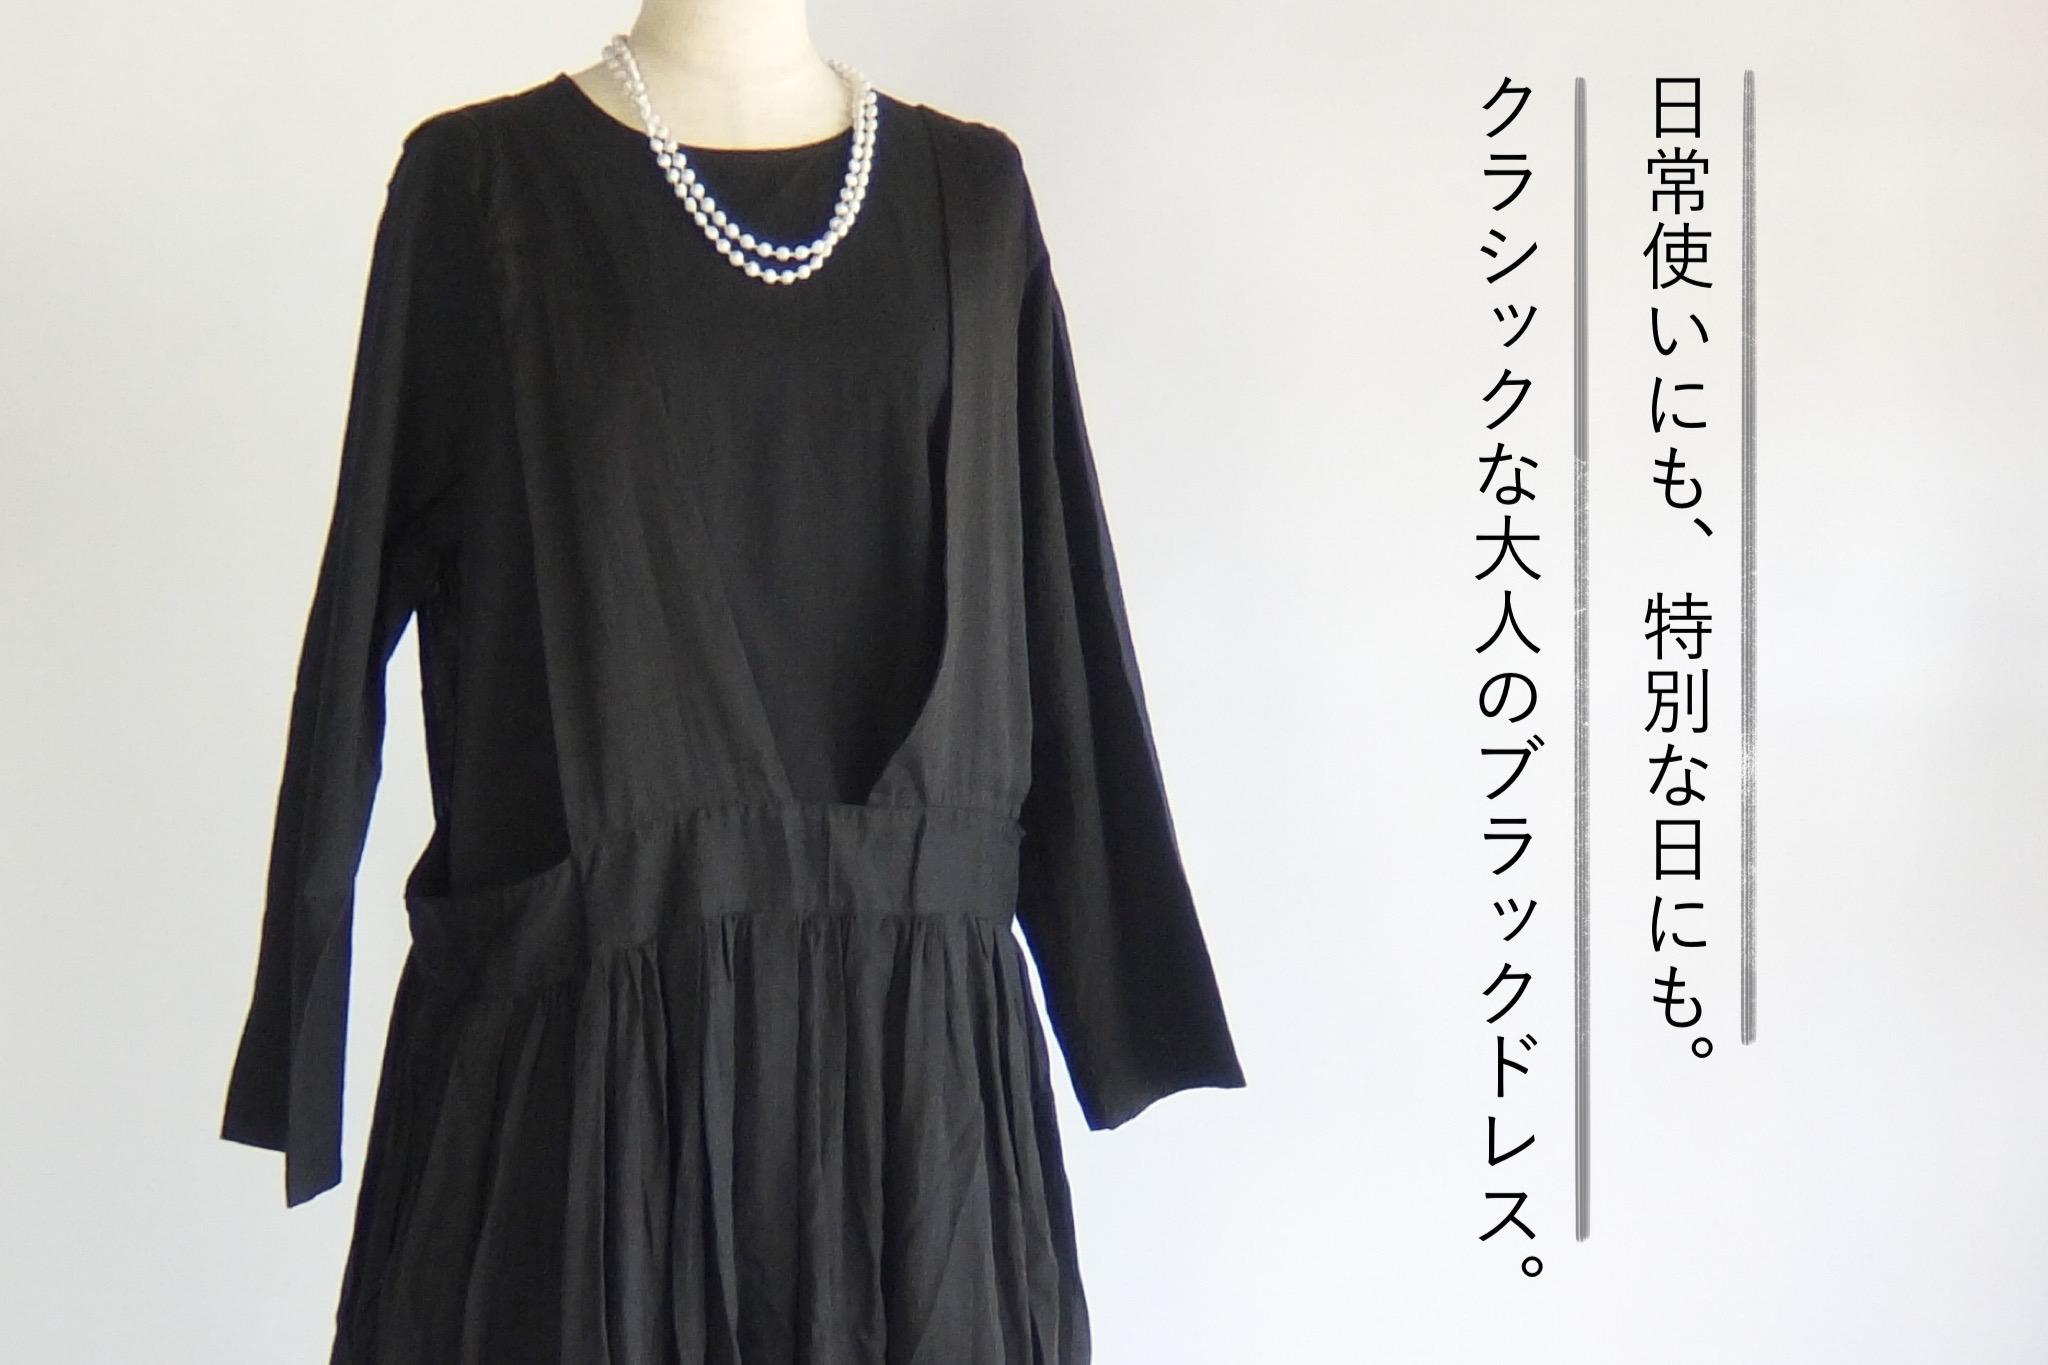 日常使いにも、特別な日にも。クラシックな大人のブラックドレス。